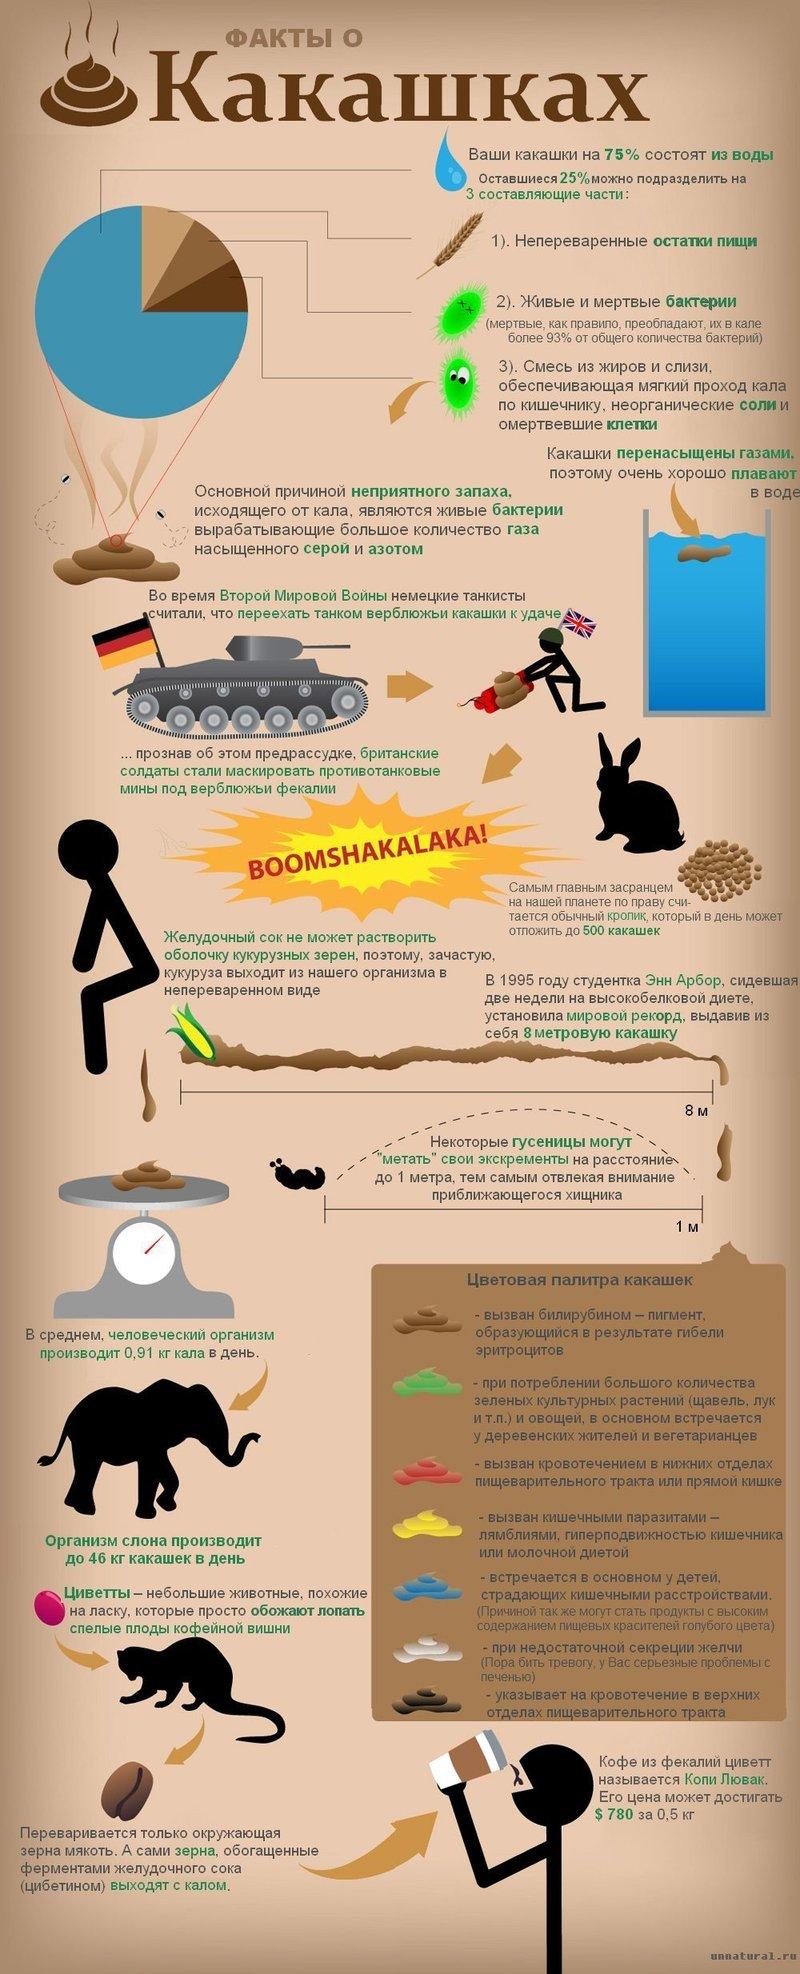 Факты о какашках (1 фото)